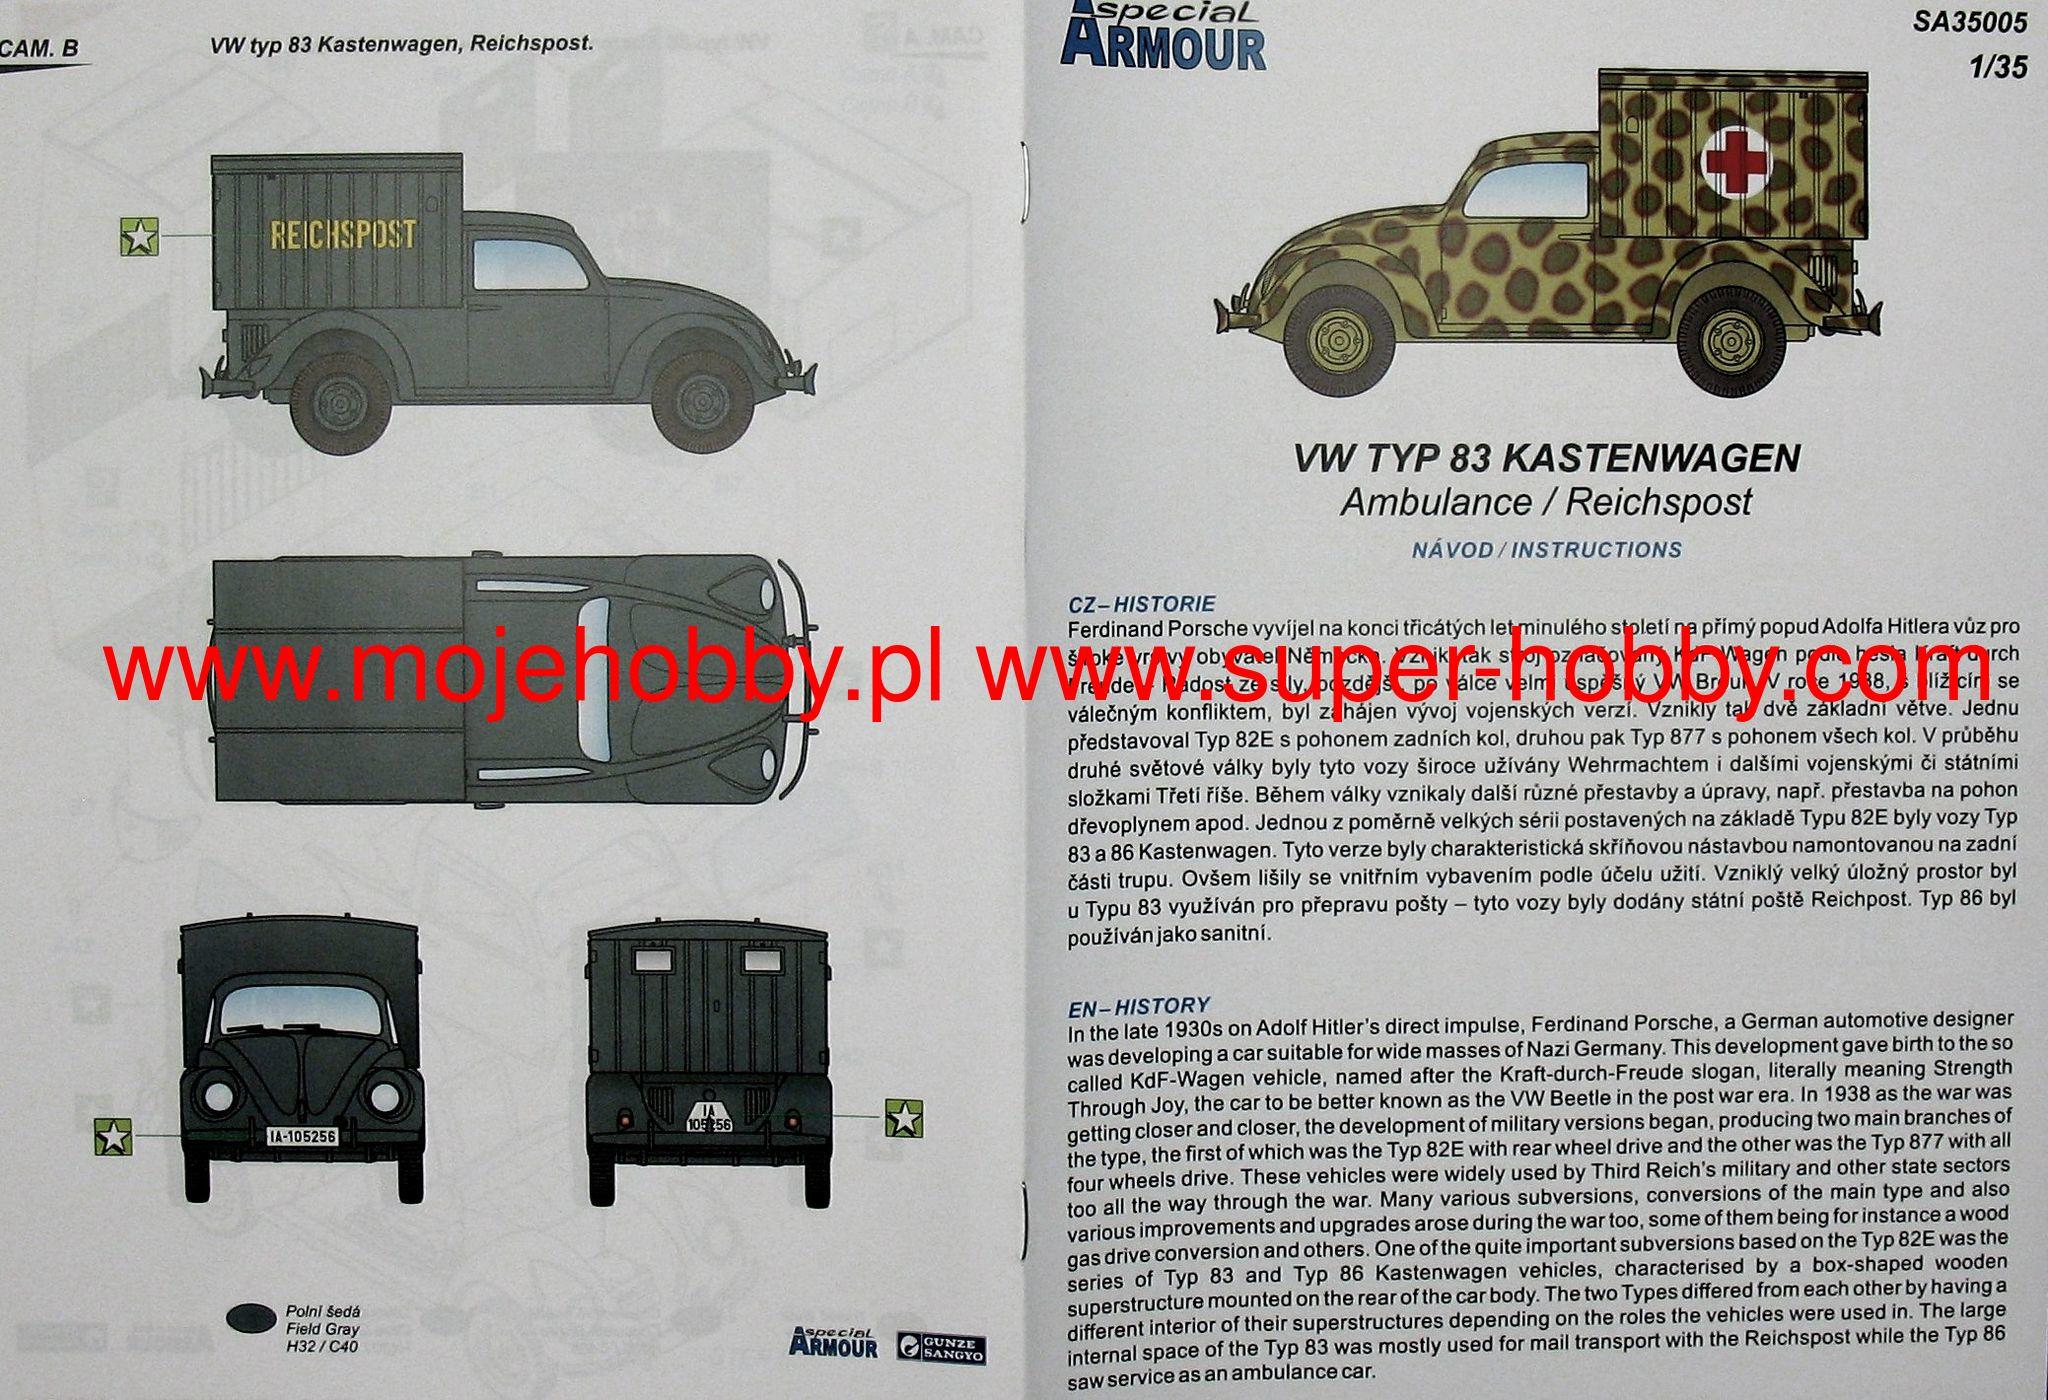 german VW Vokswagen Typ 83 Kastenwagen Reichspost 1:35 Special Armour SA35005